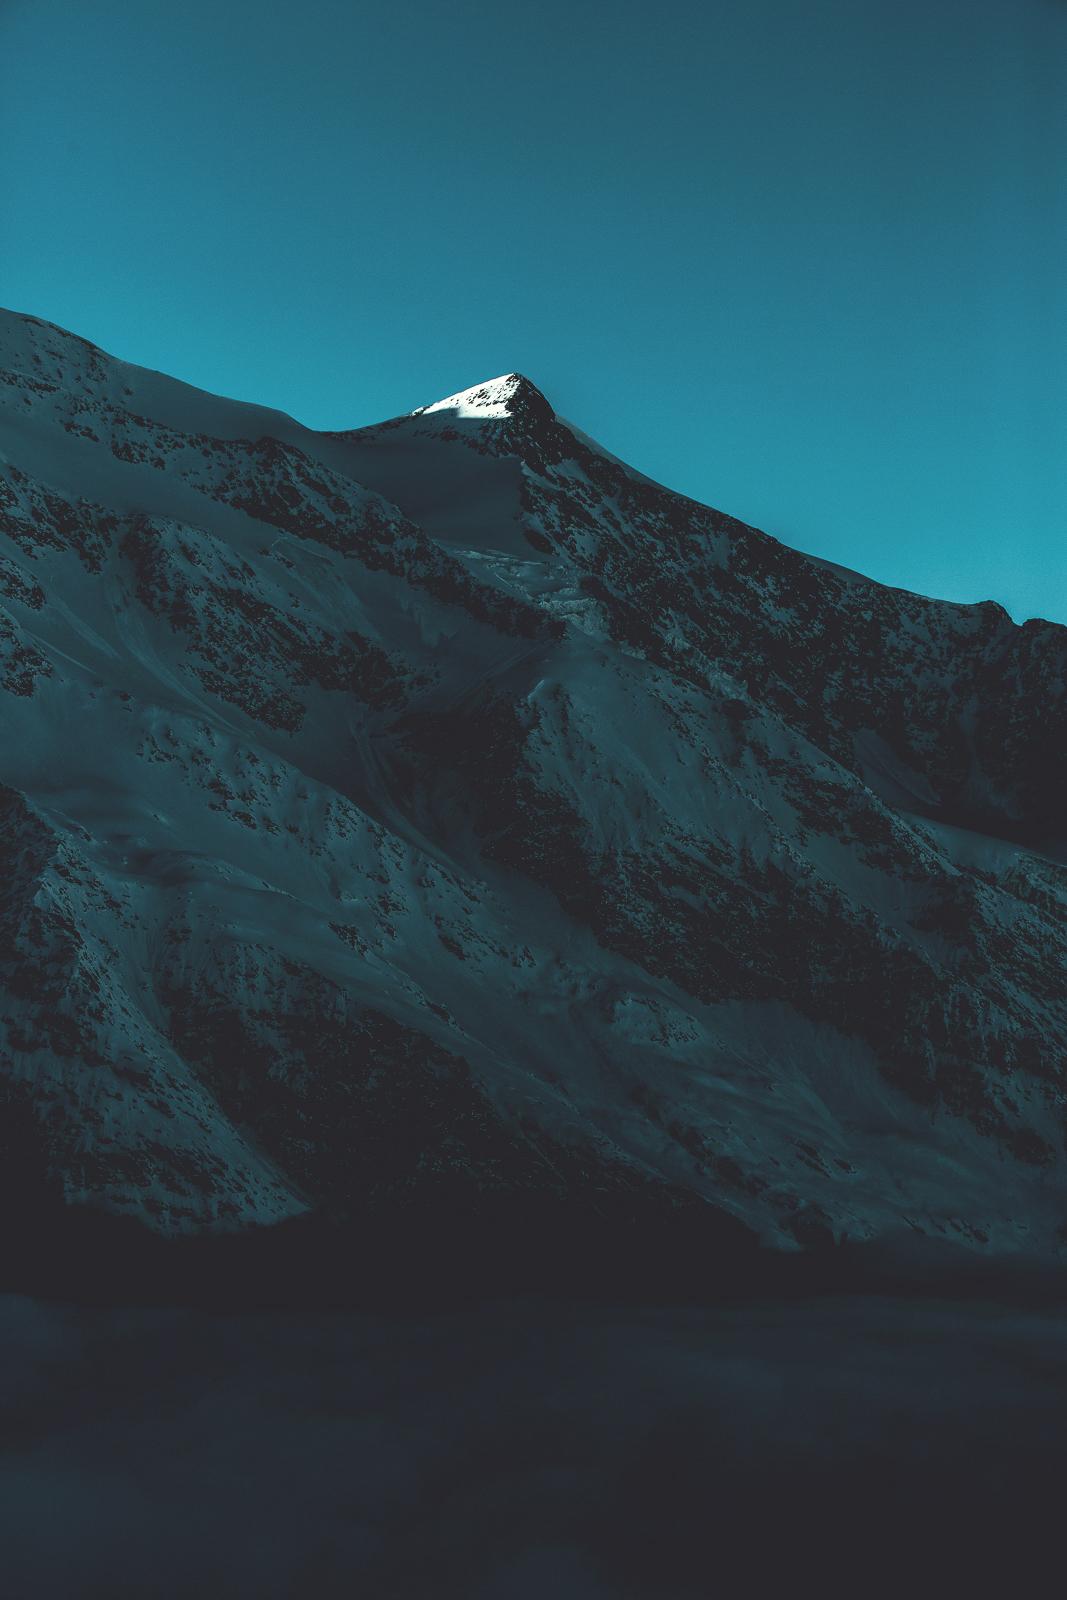 saas-fee_mountain_silvanozeiter.jpg